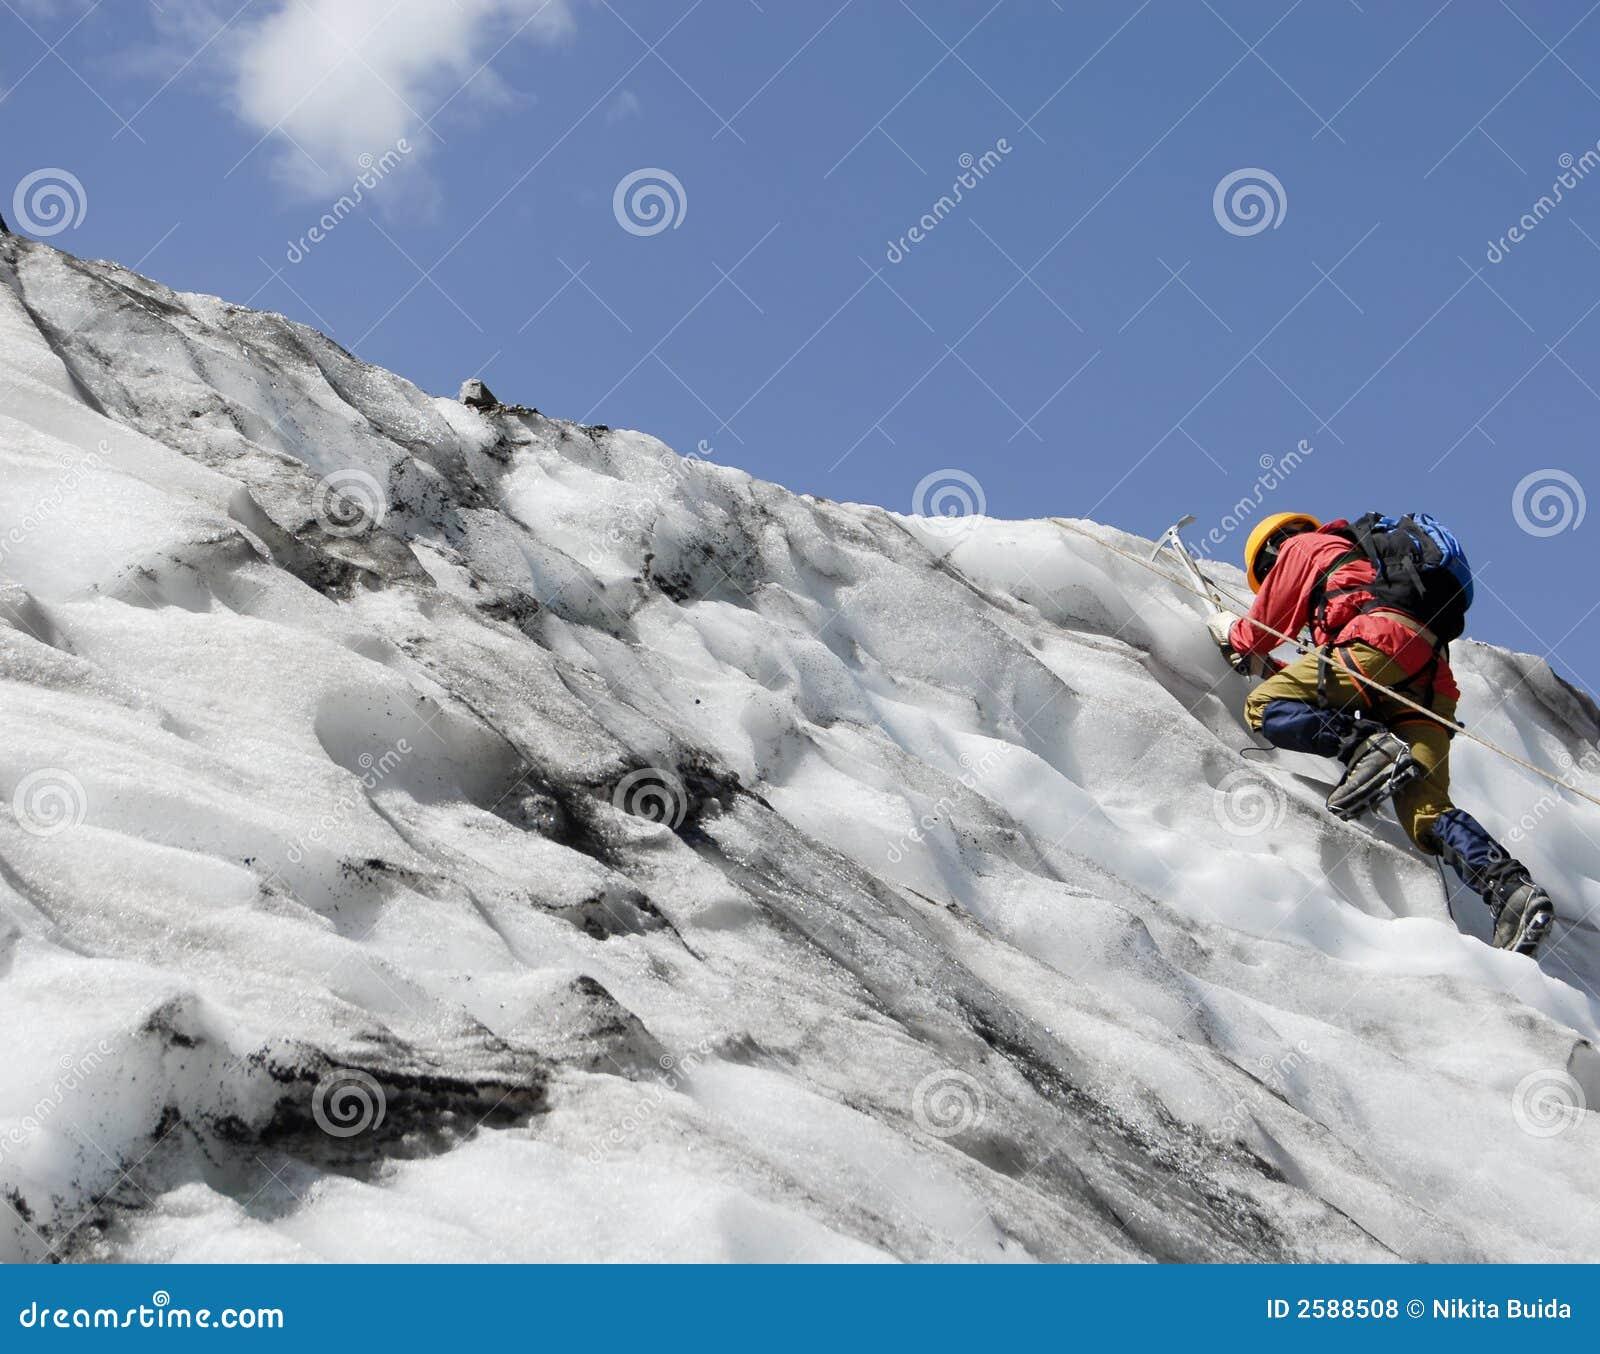 Stijgende bergbeklimmer